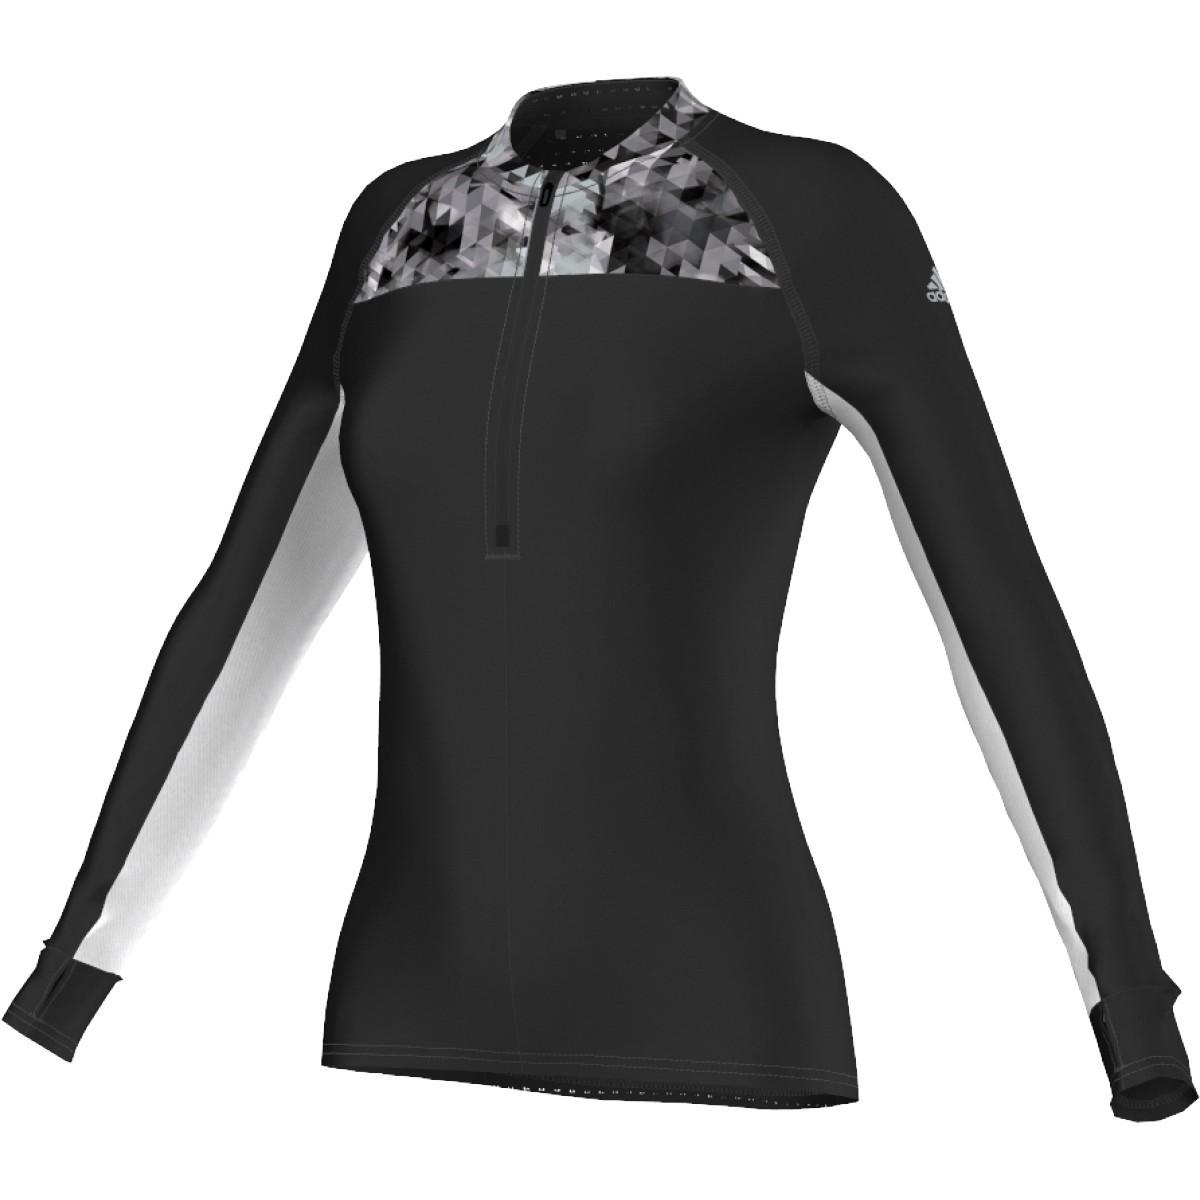 c1626acf42aa Dámske tričko s dlhým rukávom ADIDAS S10115 TR 1 2ZIP LS W black white